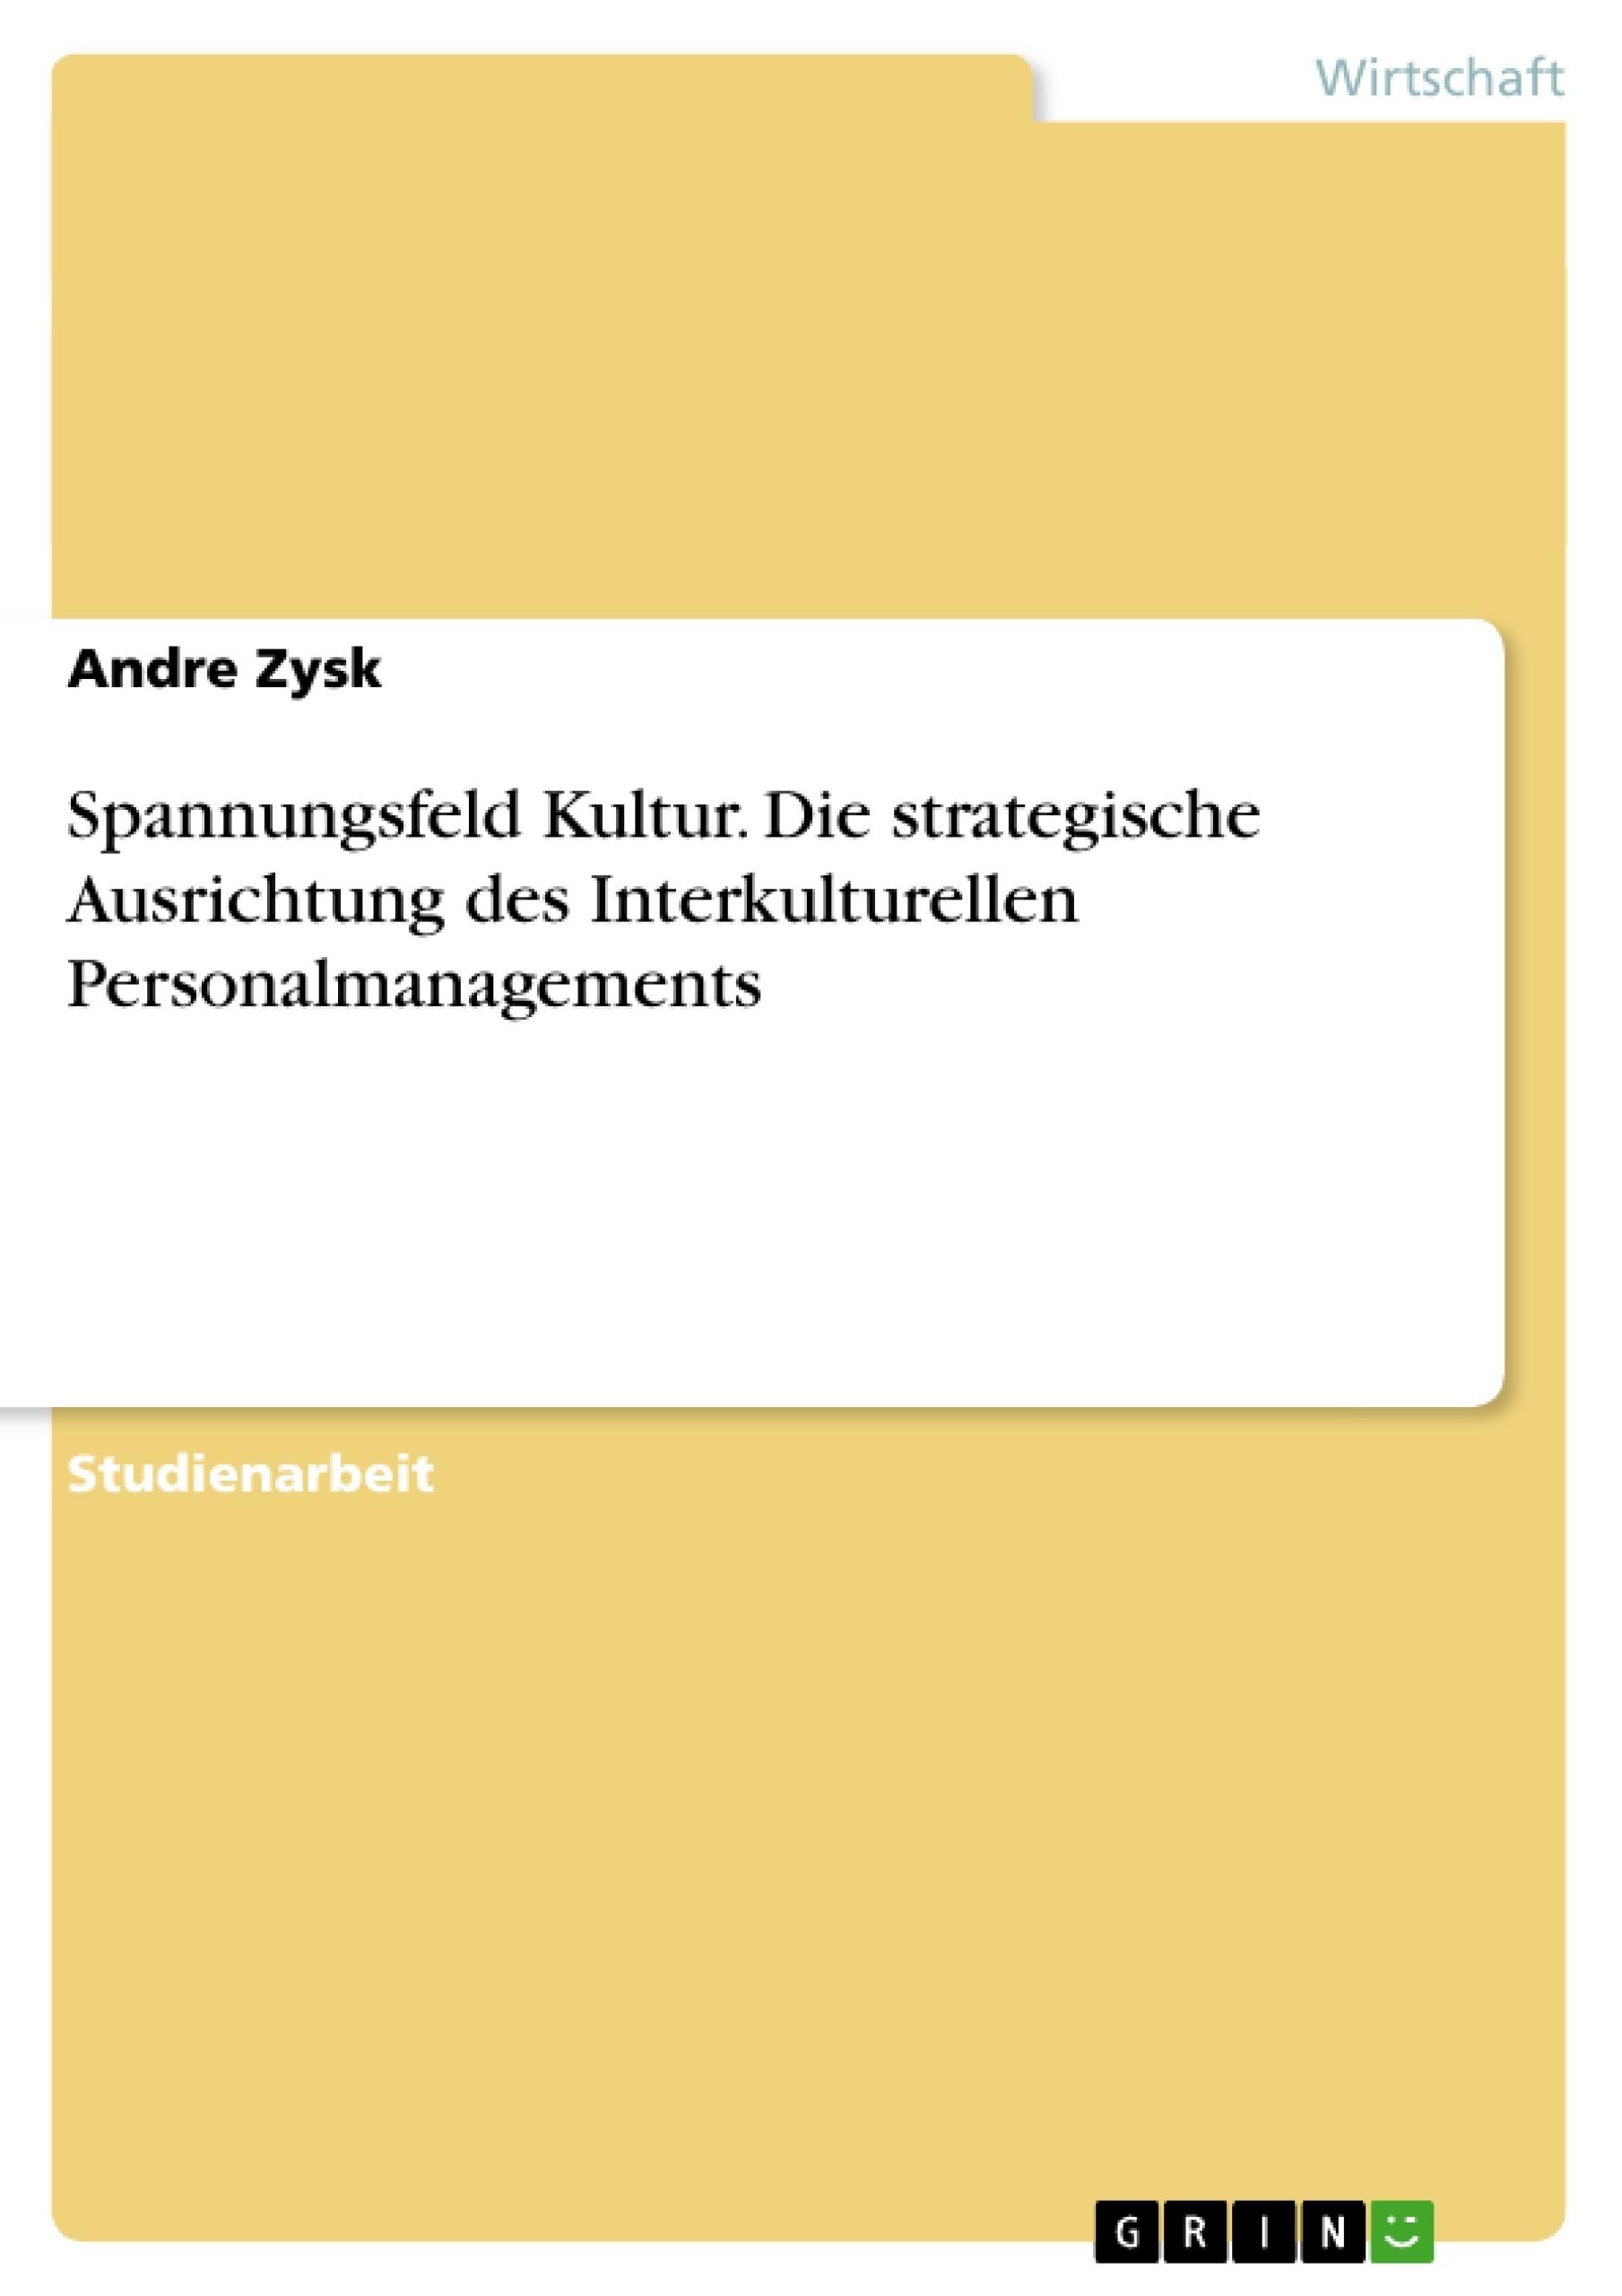 Titel: Spannungsfeld Kultur. Die strategische Ausrichtung des Interkulturellen Personalmanagements